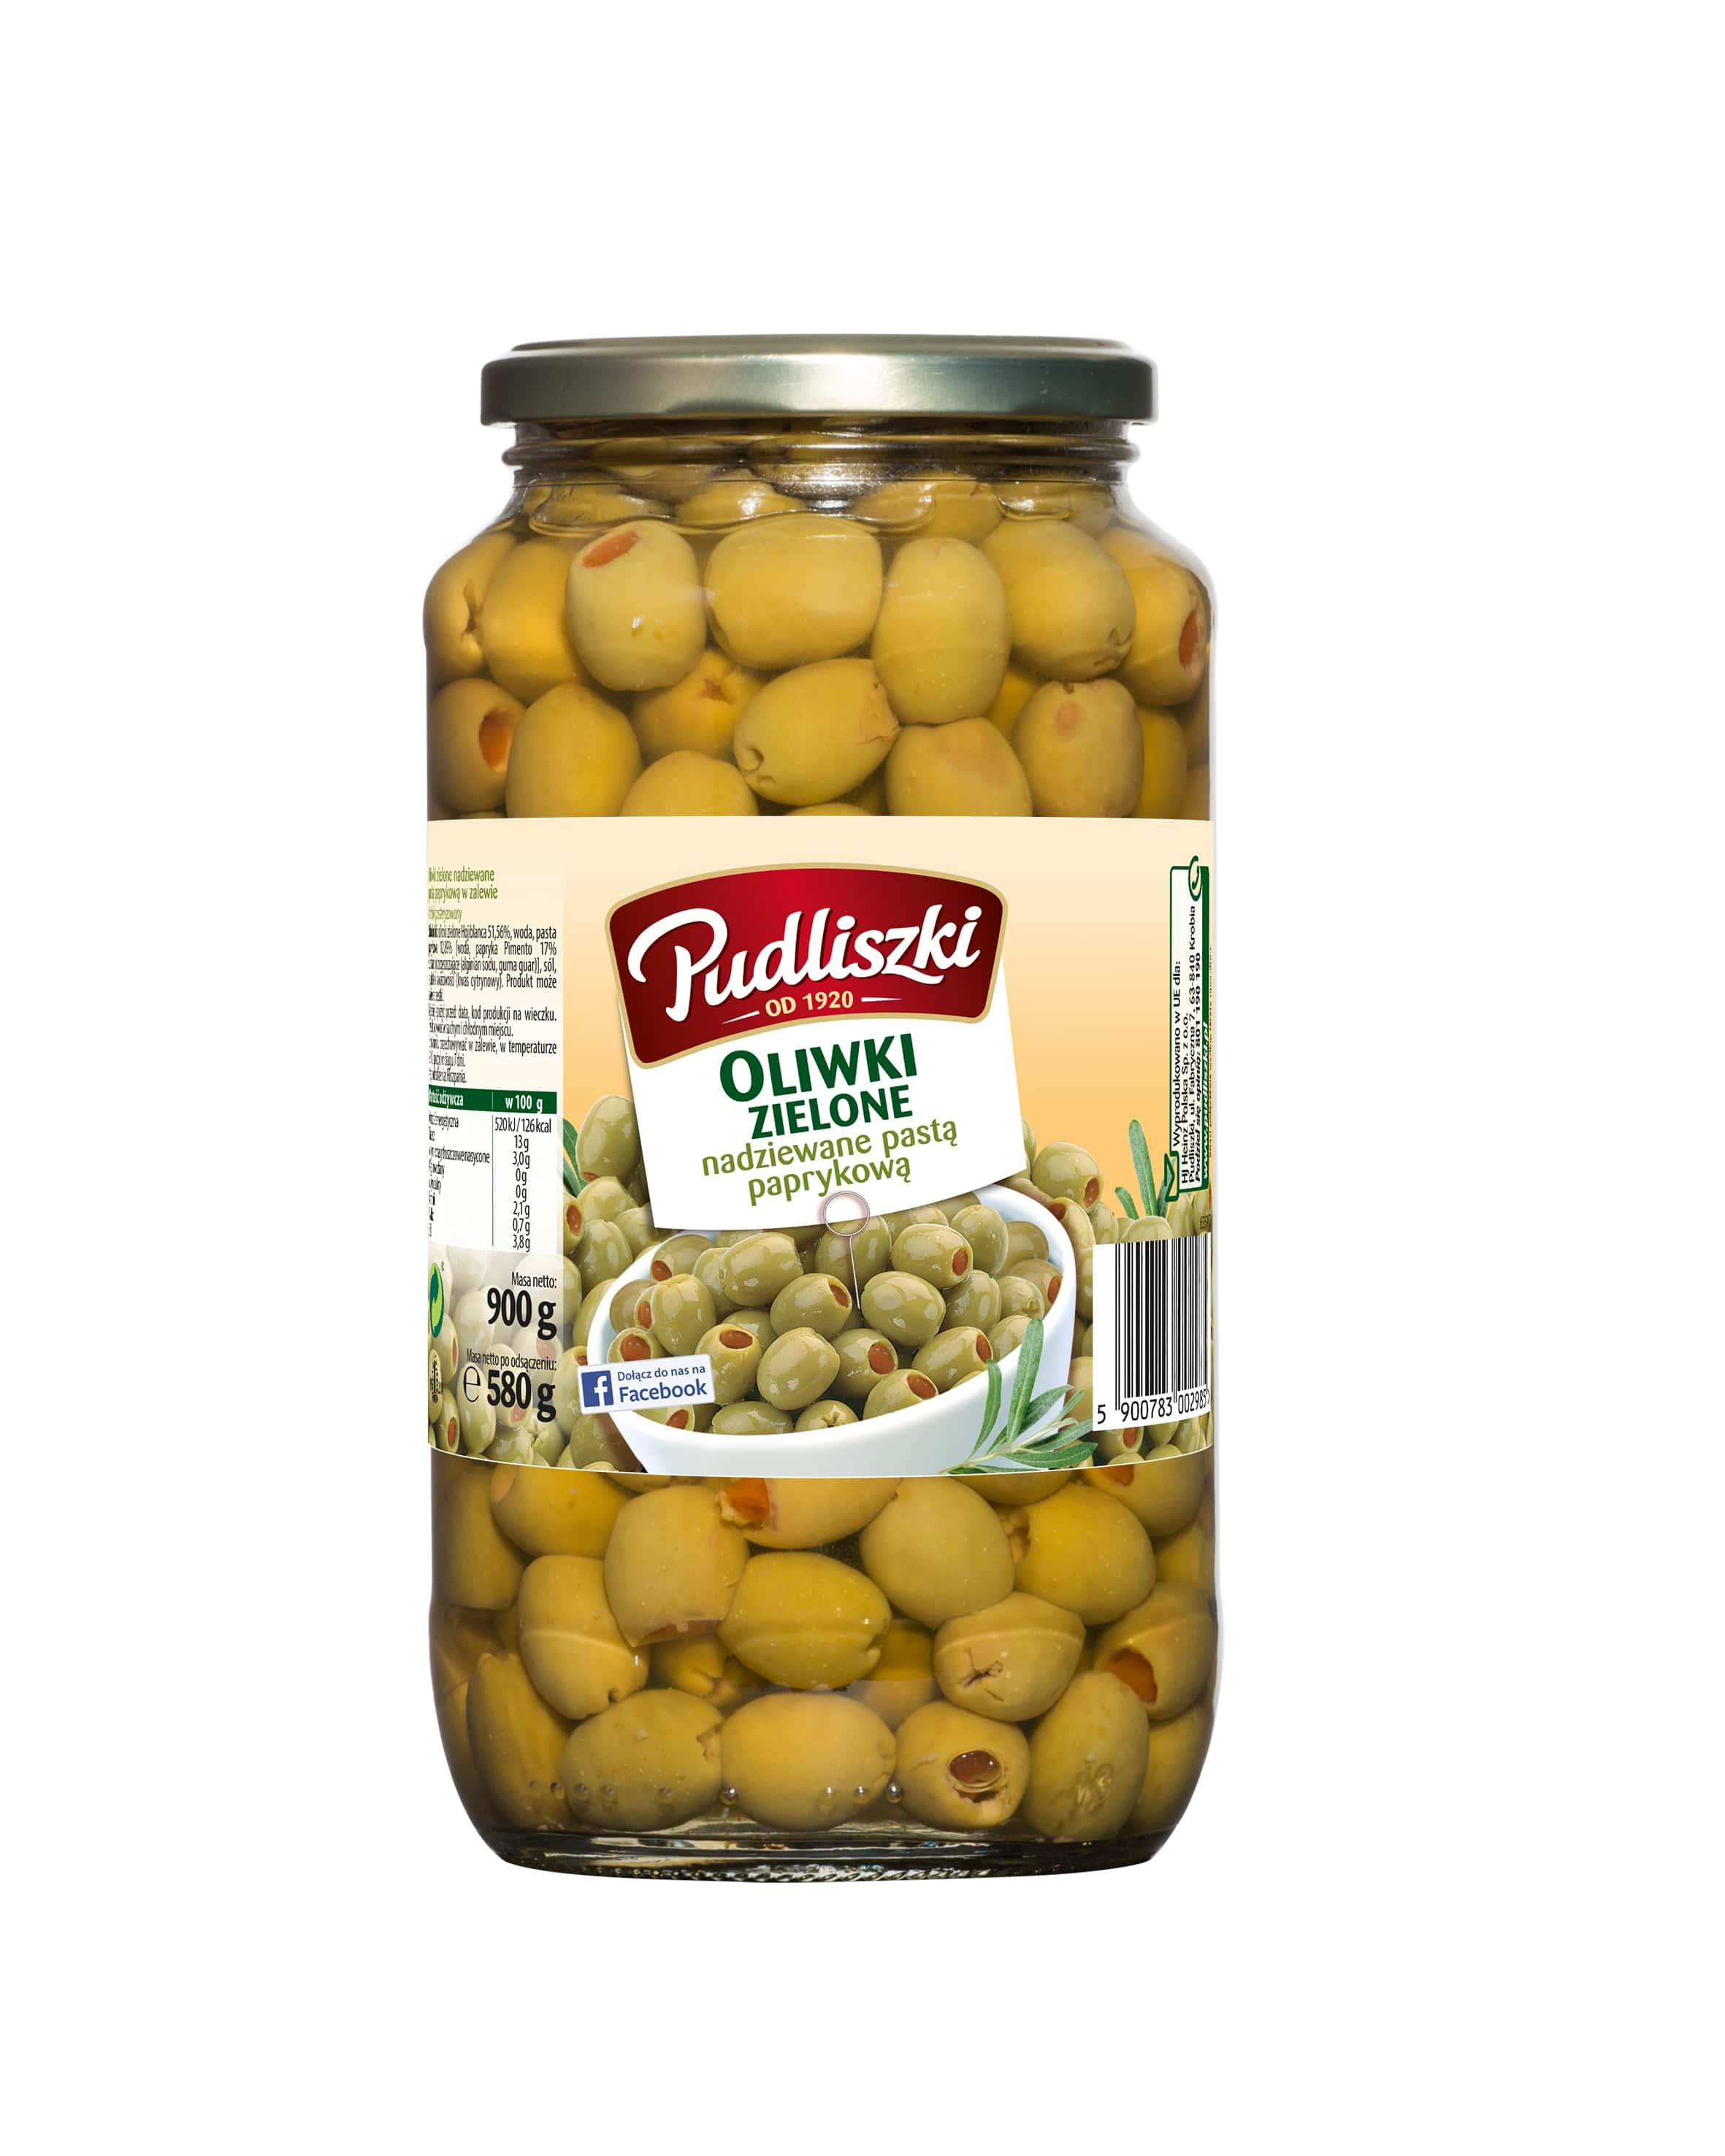 Zielone oliwki nadziewane papryką Pudliszki 900g szklany słoik image